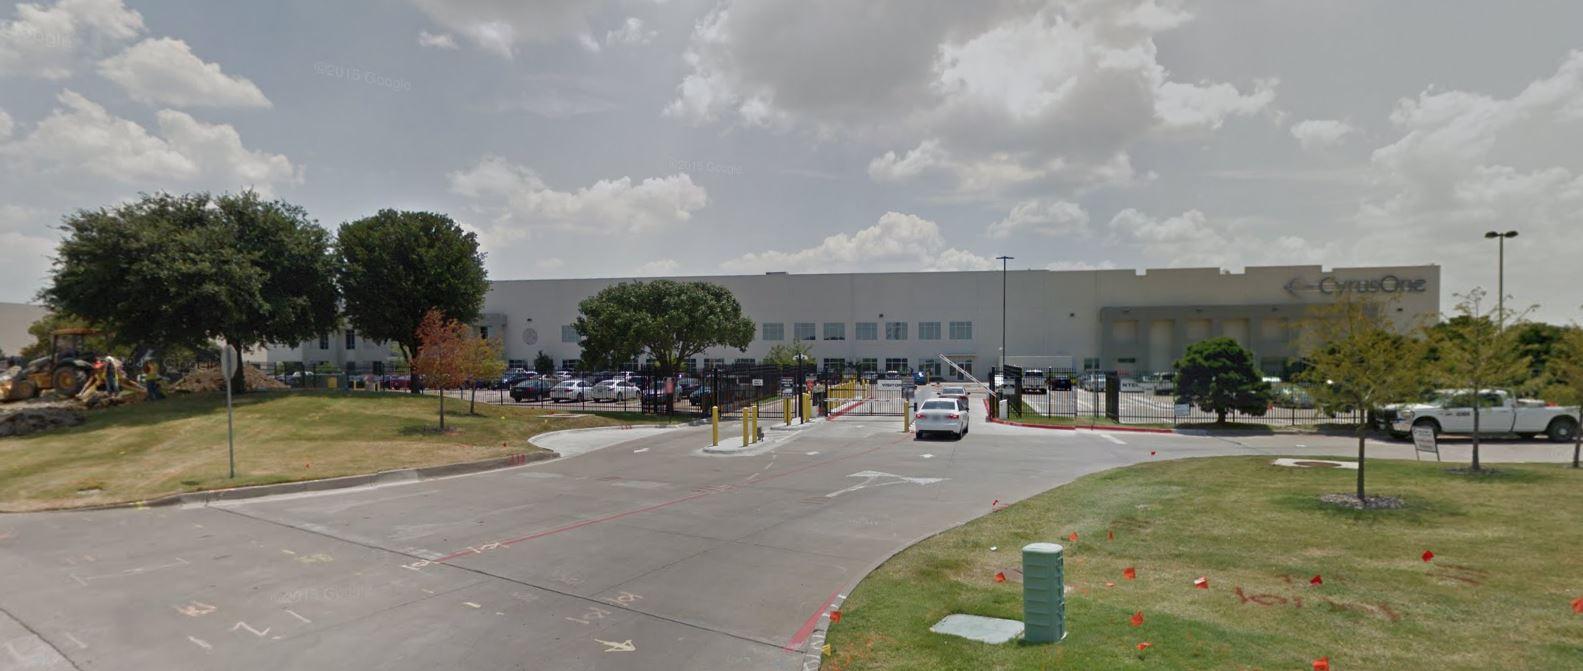 CyrusOne's Carrollton data center